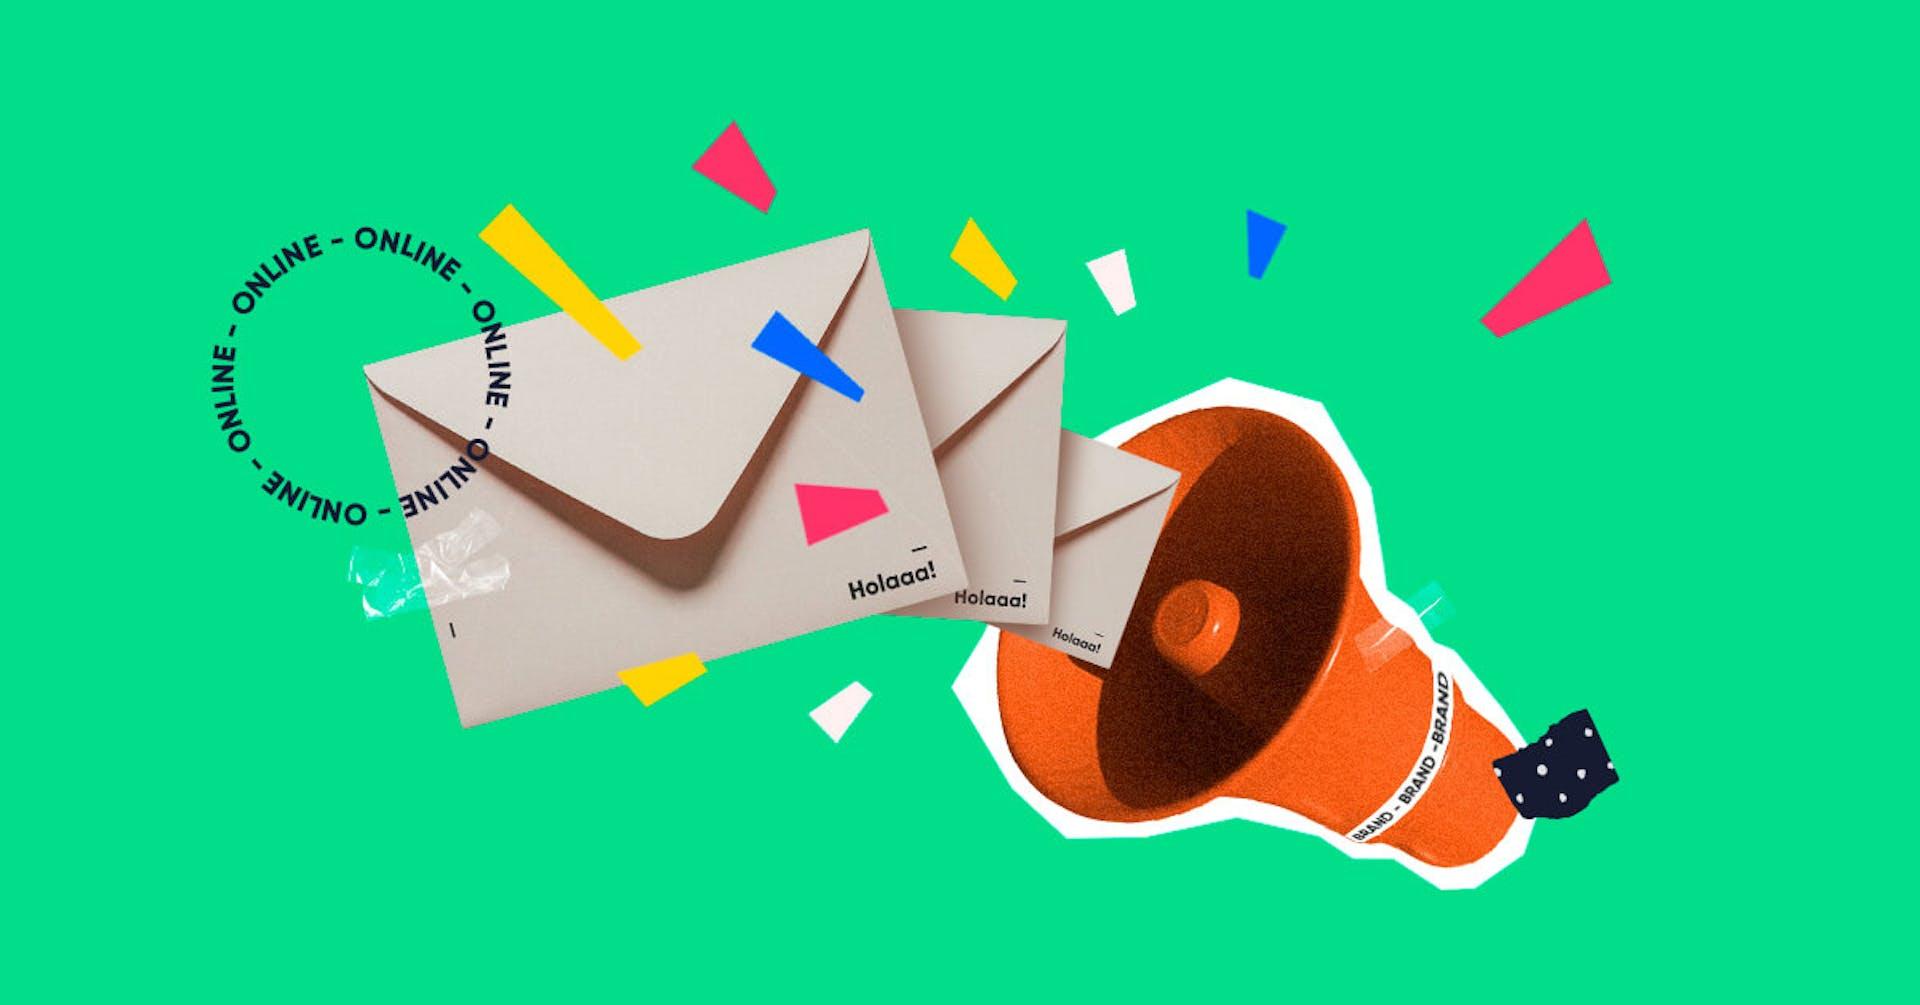 Guía de email marketing: Conquista a tus clientes por correo y alcanza el éxito de tu negocio en 2021